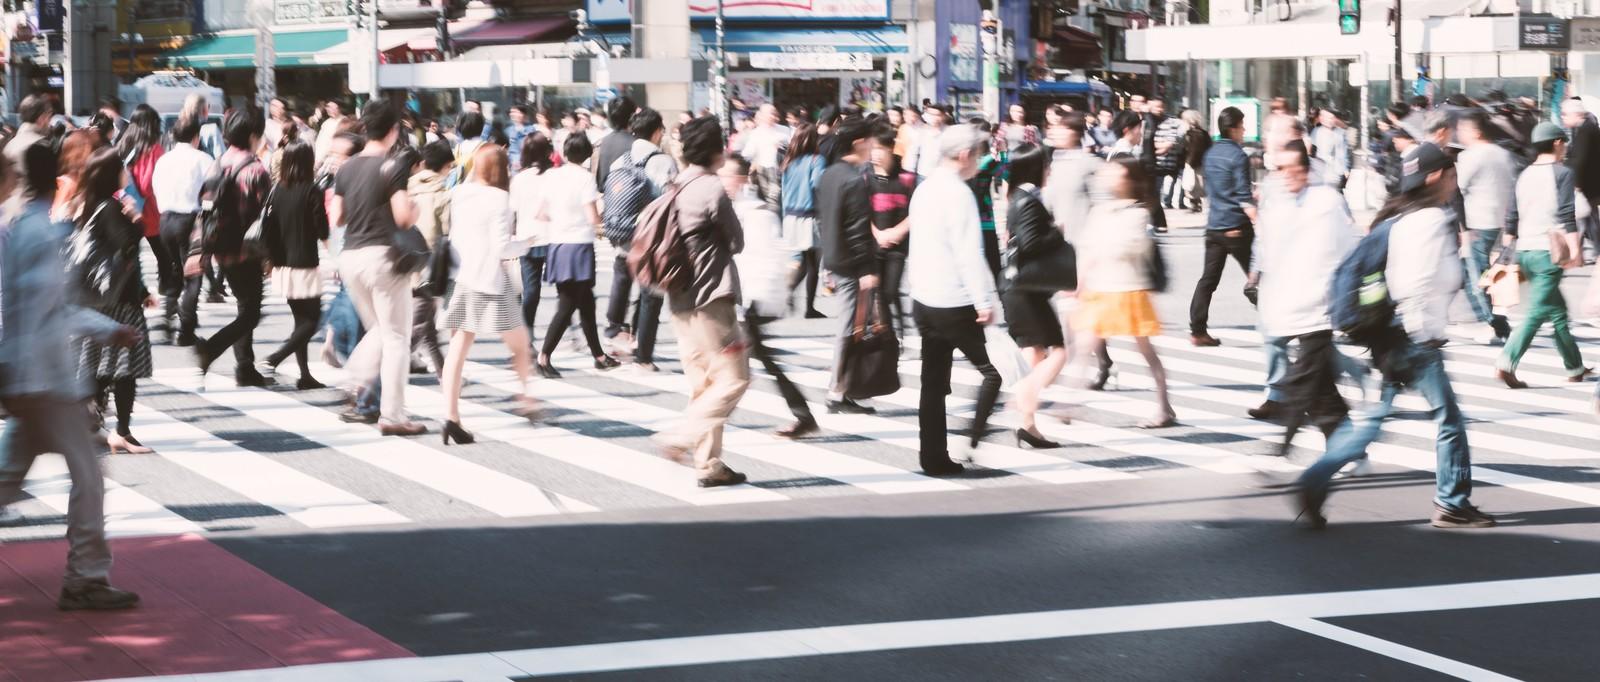 たくさんの人が小走りに行き来する都会の横断歩道